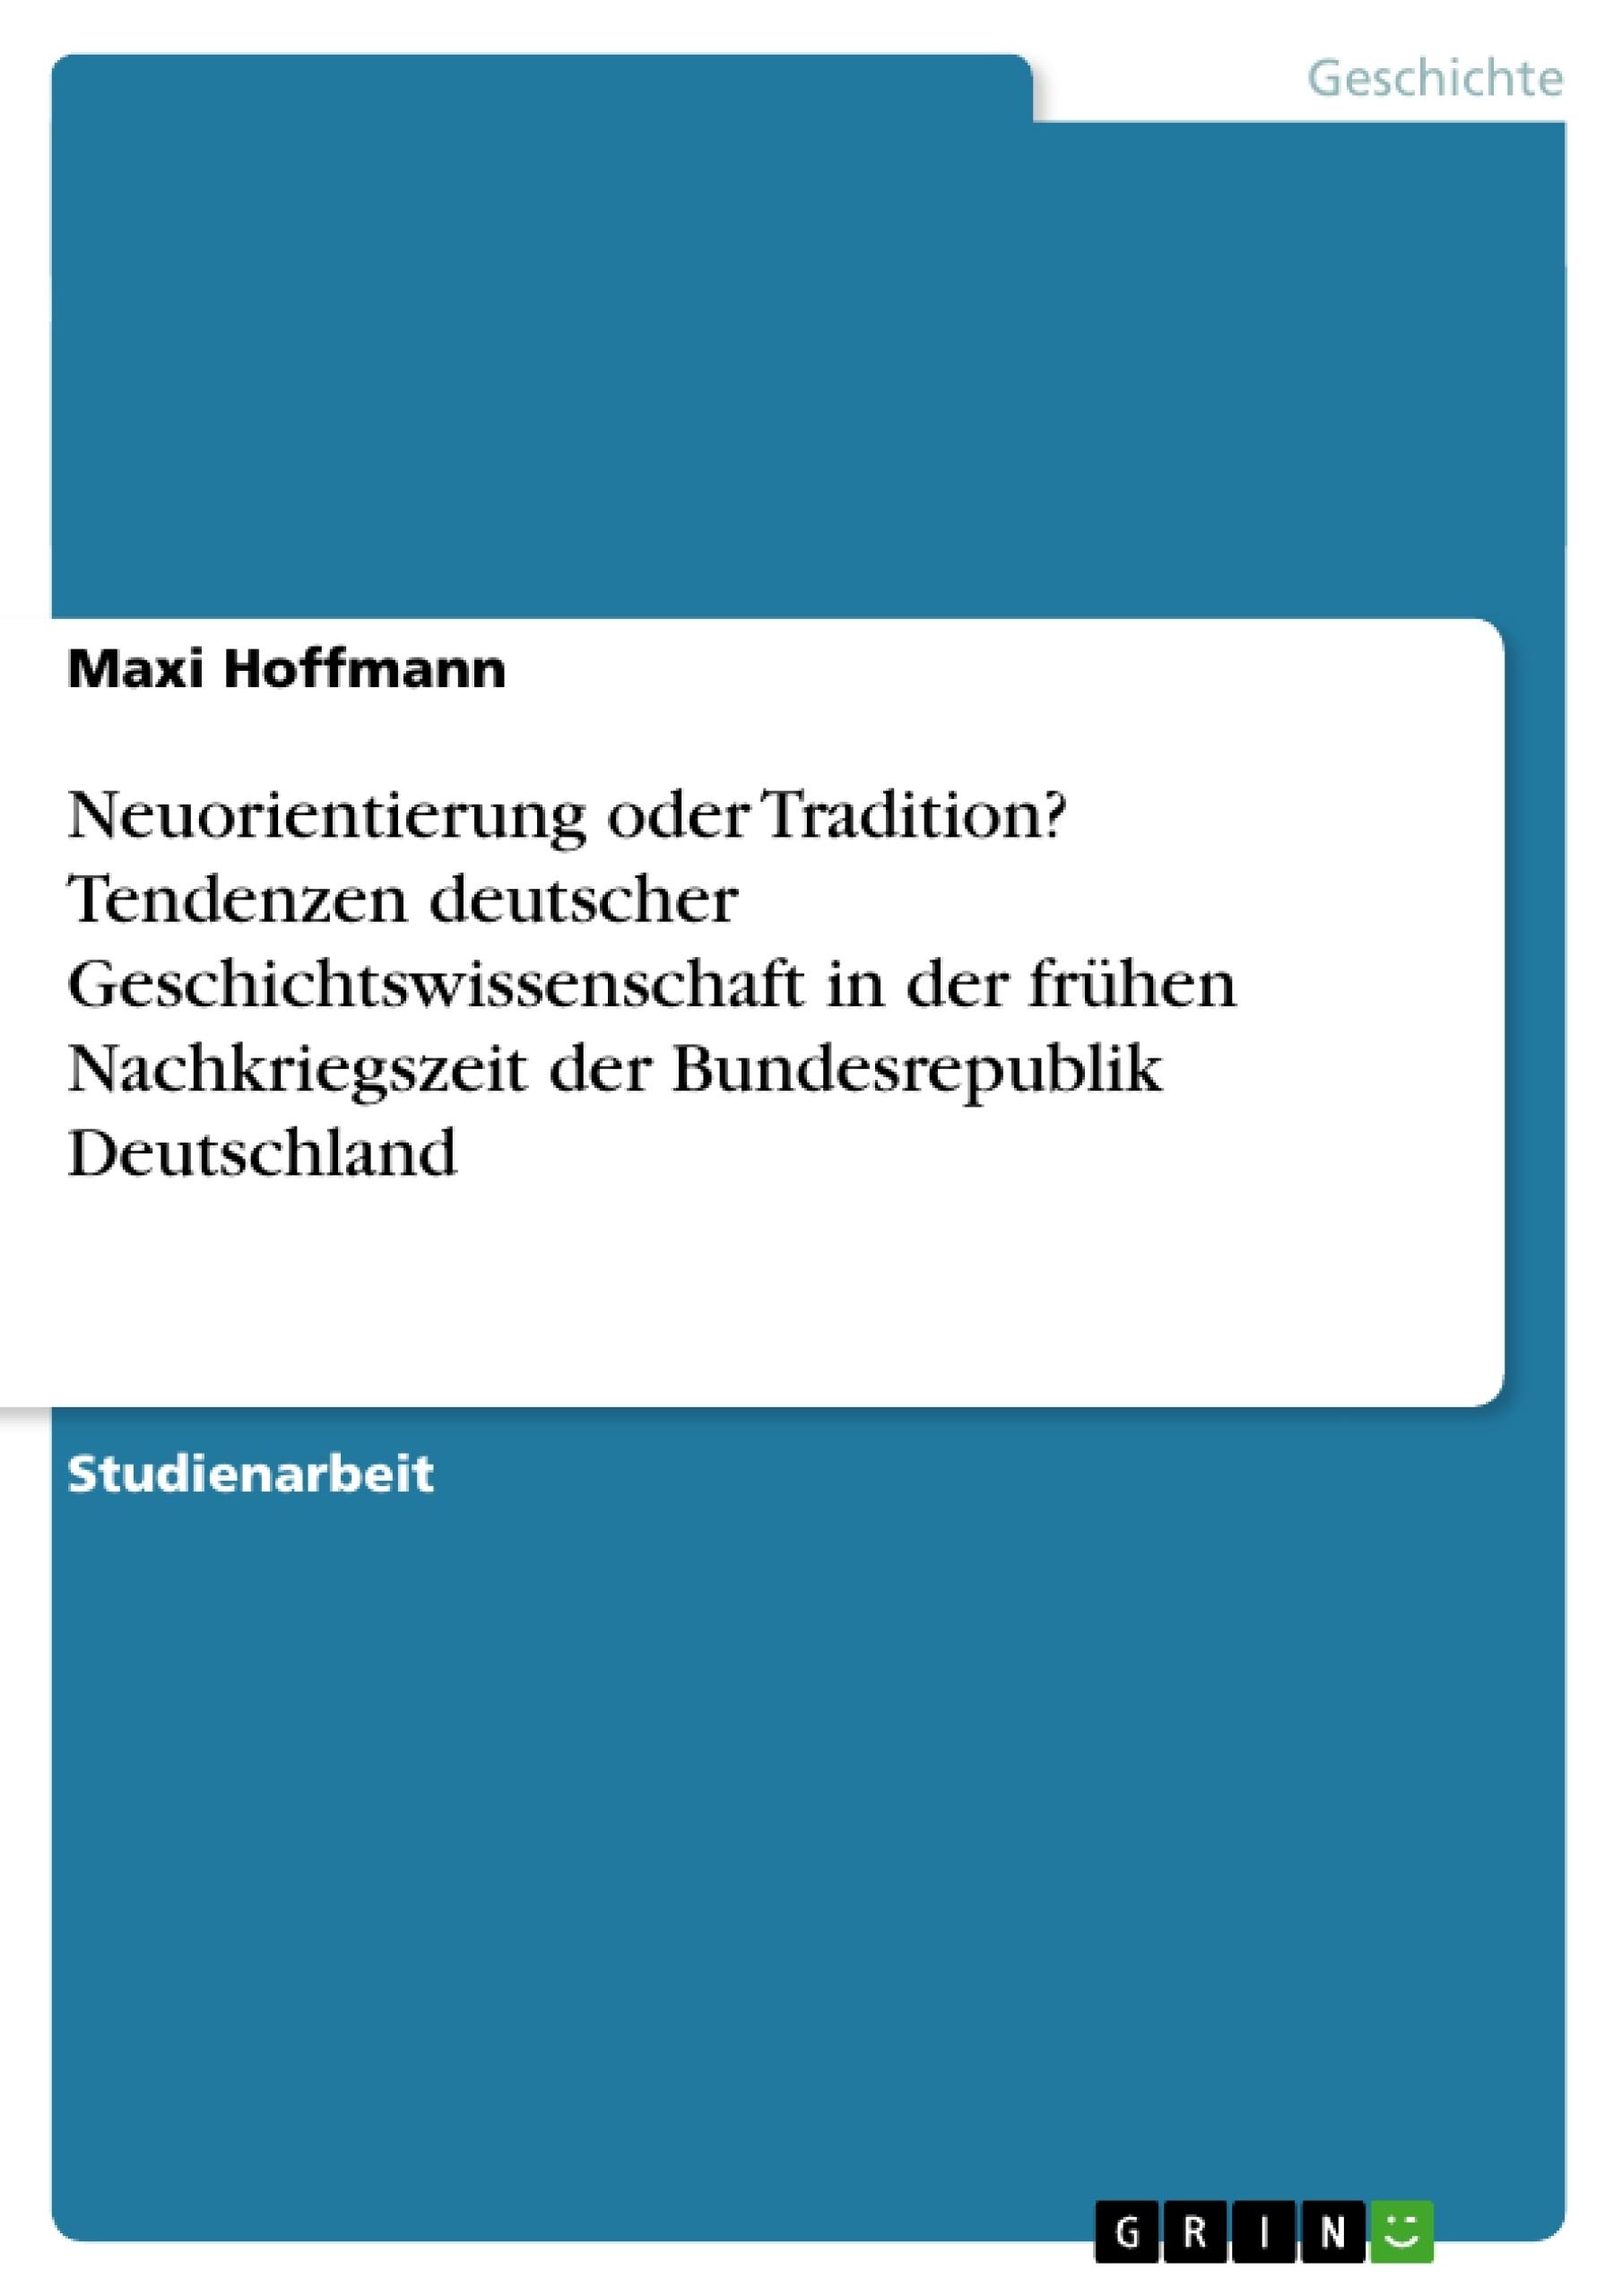 Titel: Neuorientierung oder Tradition? Tendenzen deutscher Geschichtswissenschaft in der frühen Nachkriegszeit der Bundesrepublik Deutschland